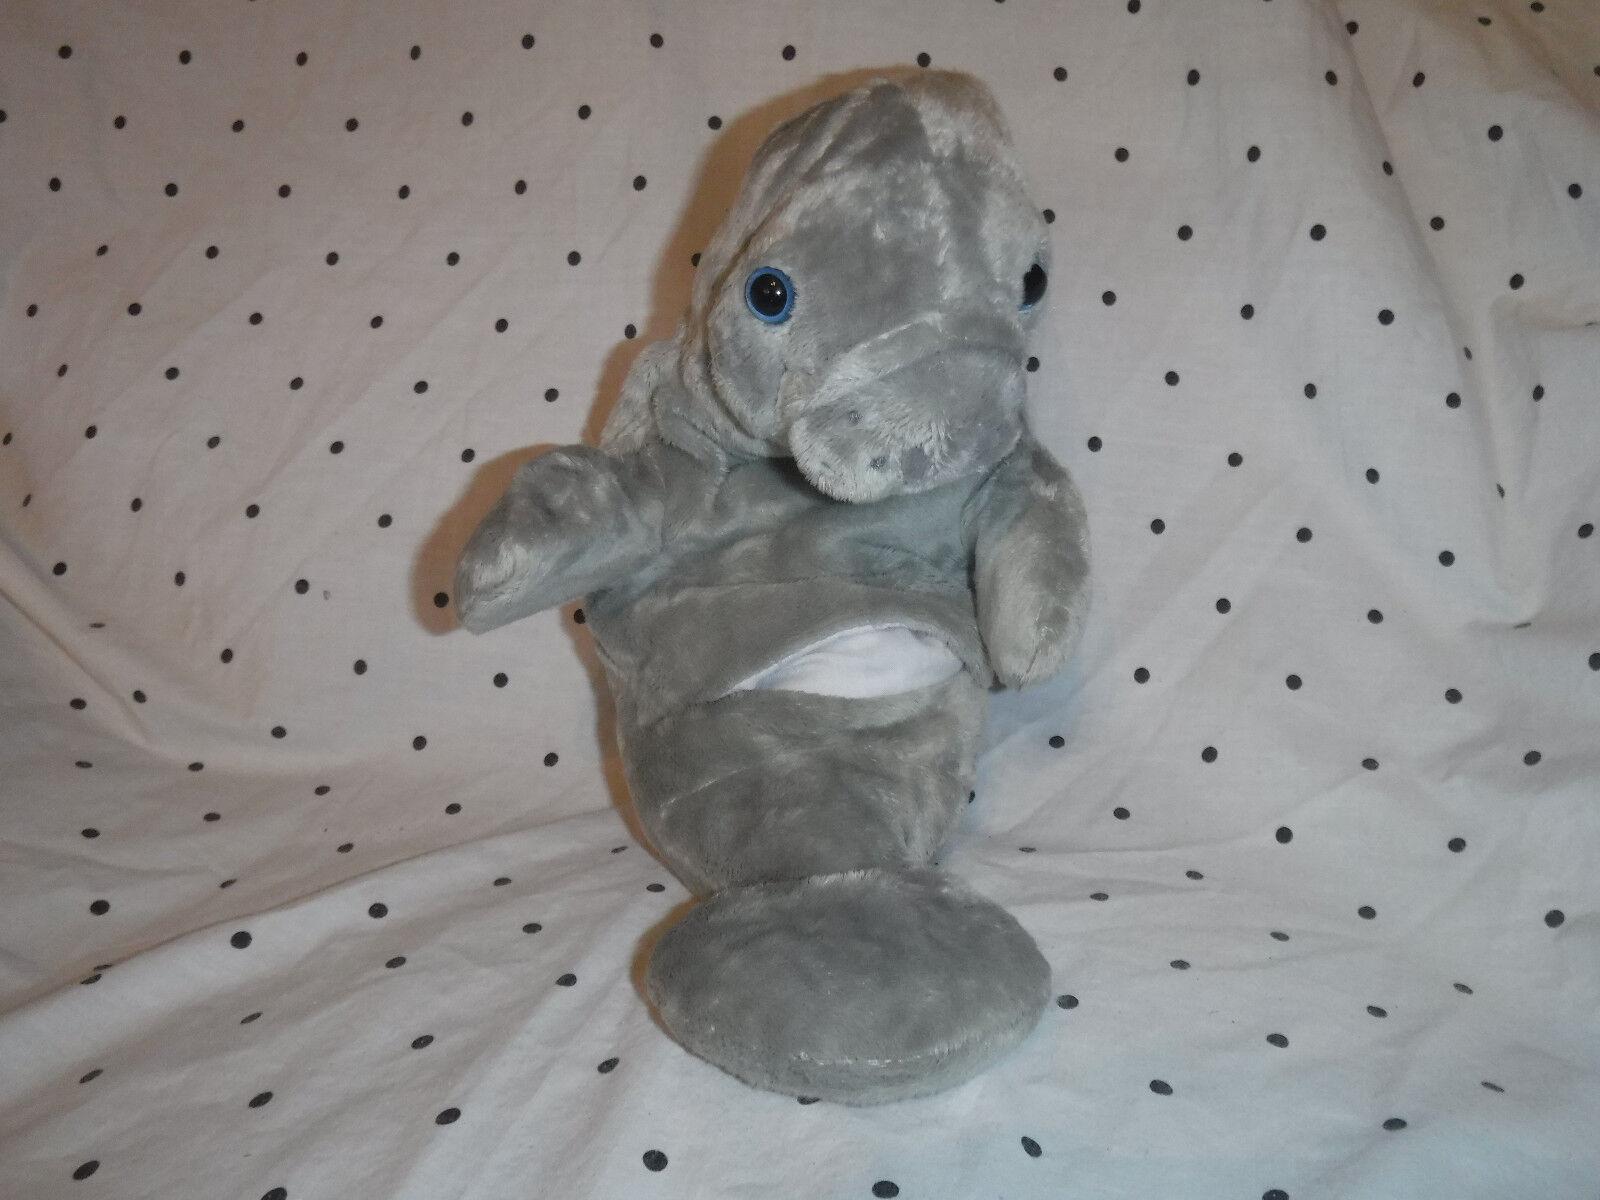 2003 Wishpets Mandy Manatee Hand Puppet 14  Plush Soft Toy Stuffed Animal